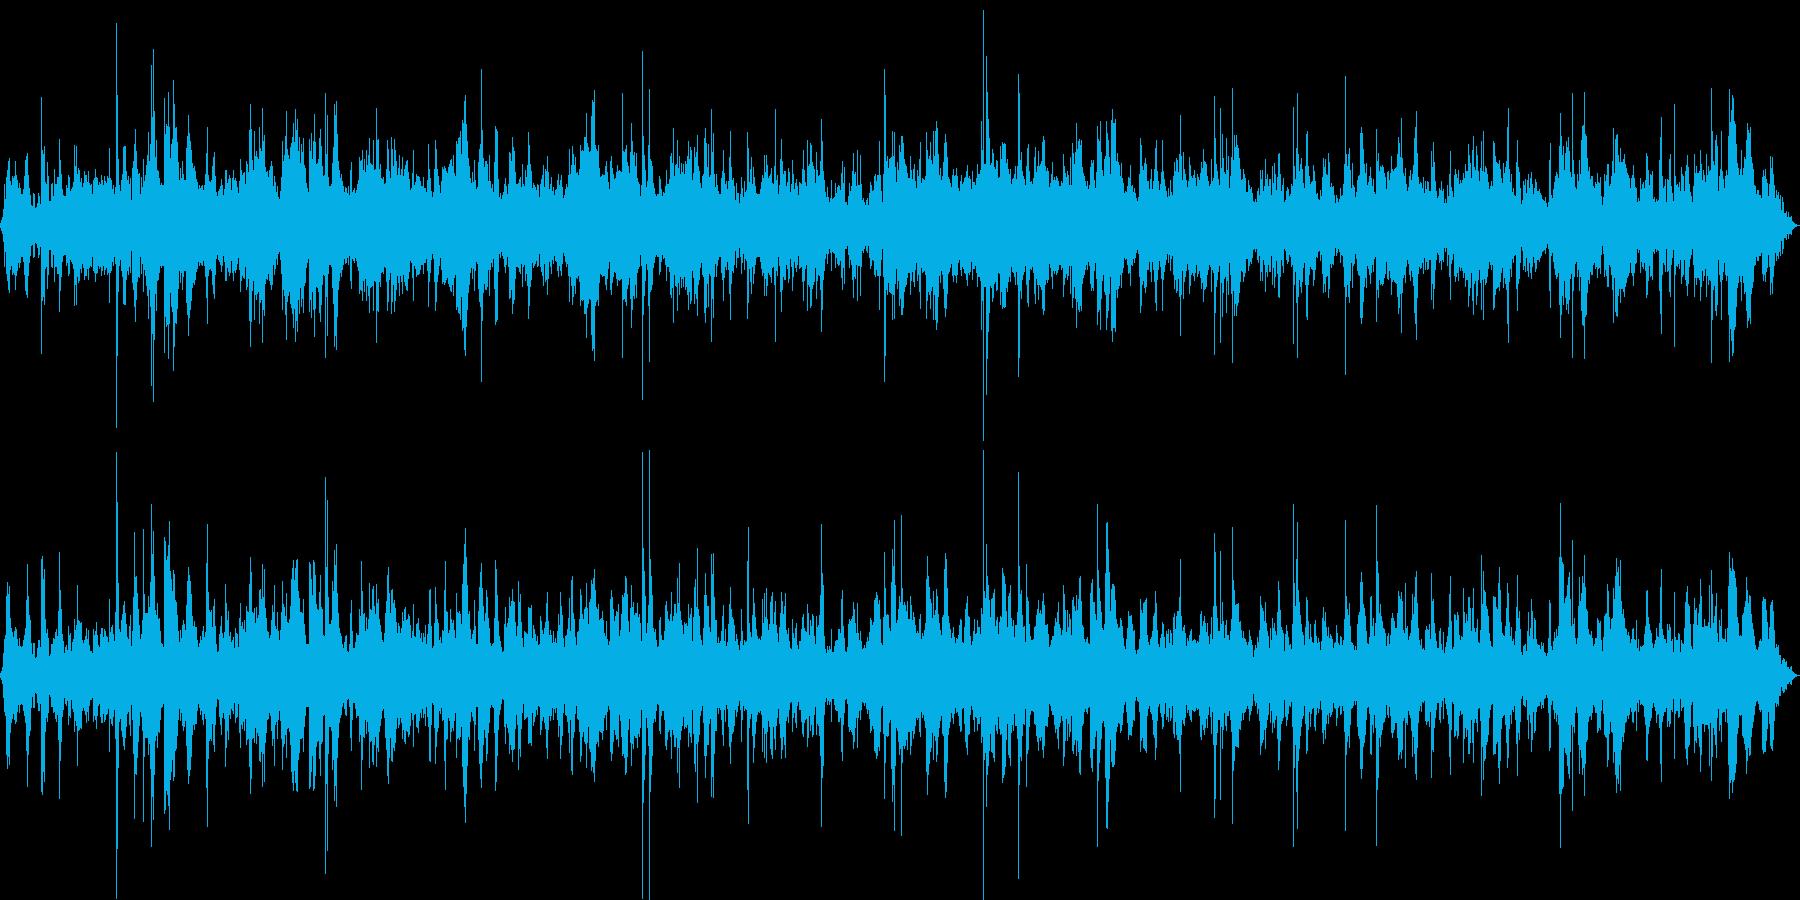 【自然音】砂浜01(玉結湾)の再生済みの波形